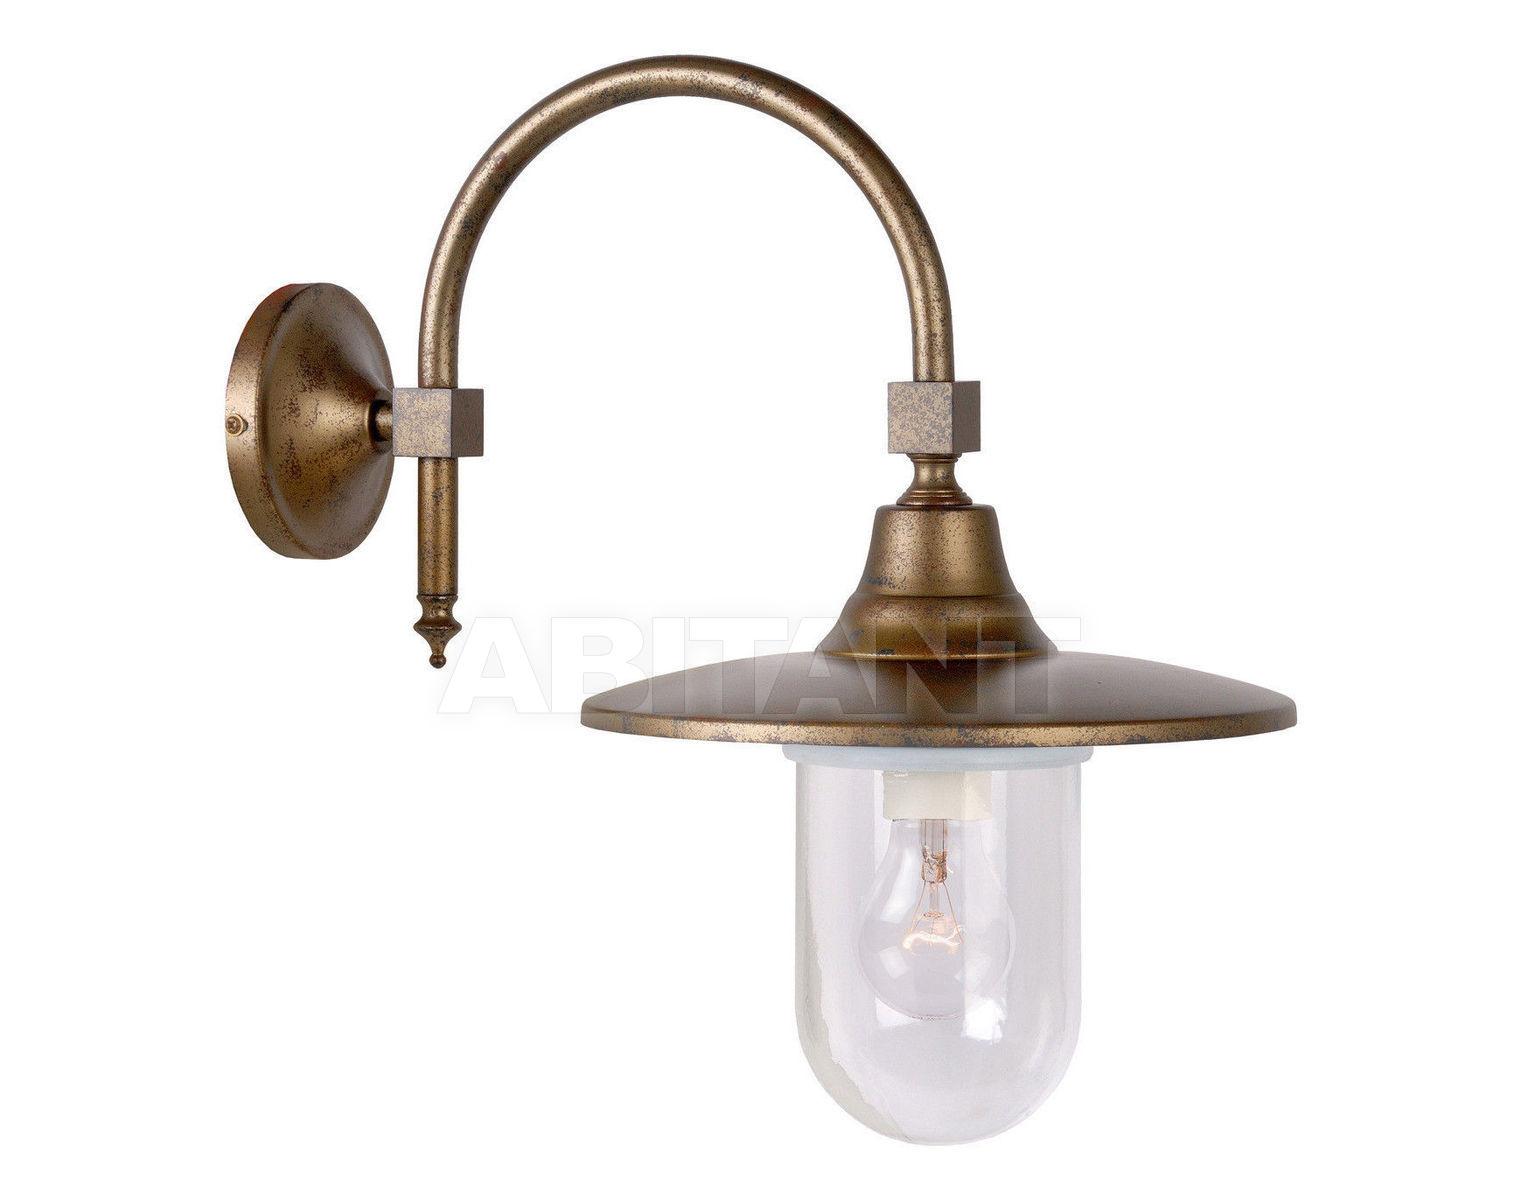 Купить Фасадный светильник Lucide  Outdoor 2013 31852/01/97